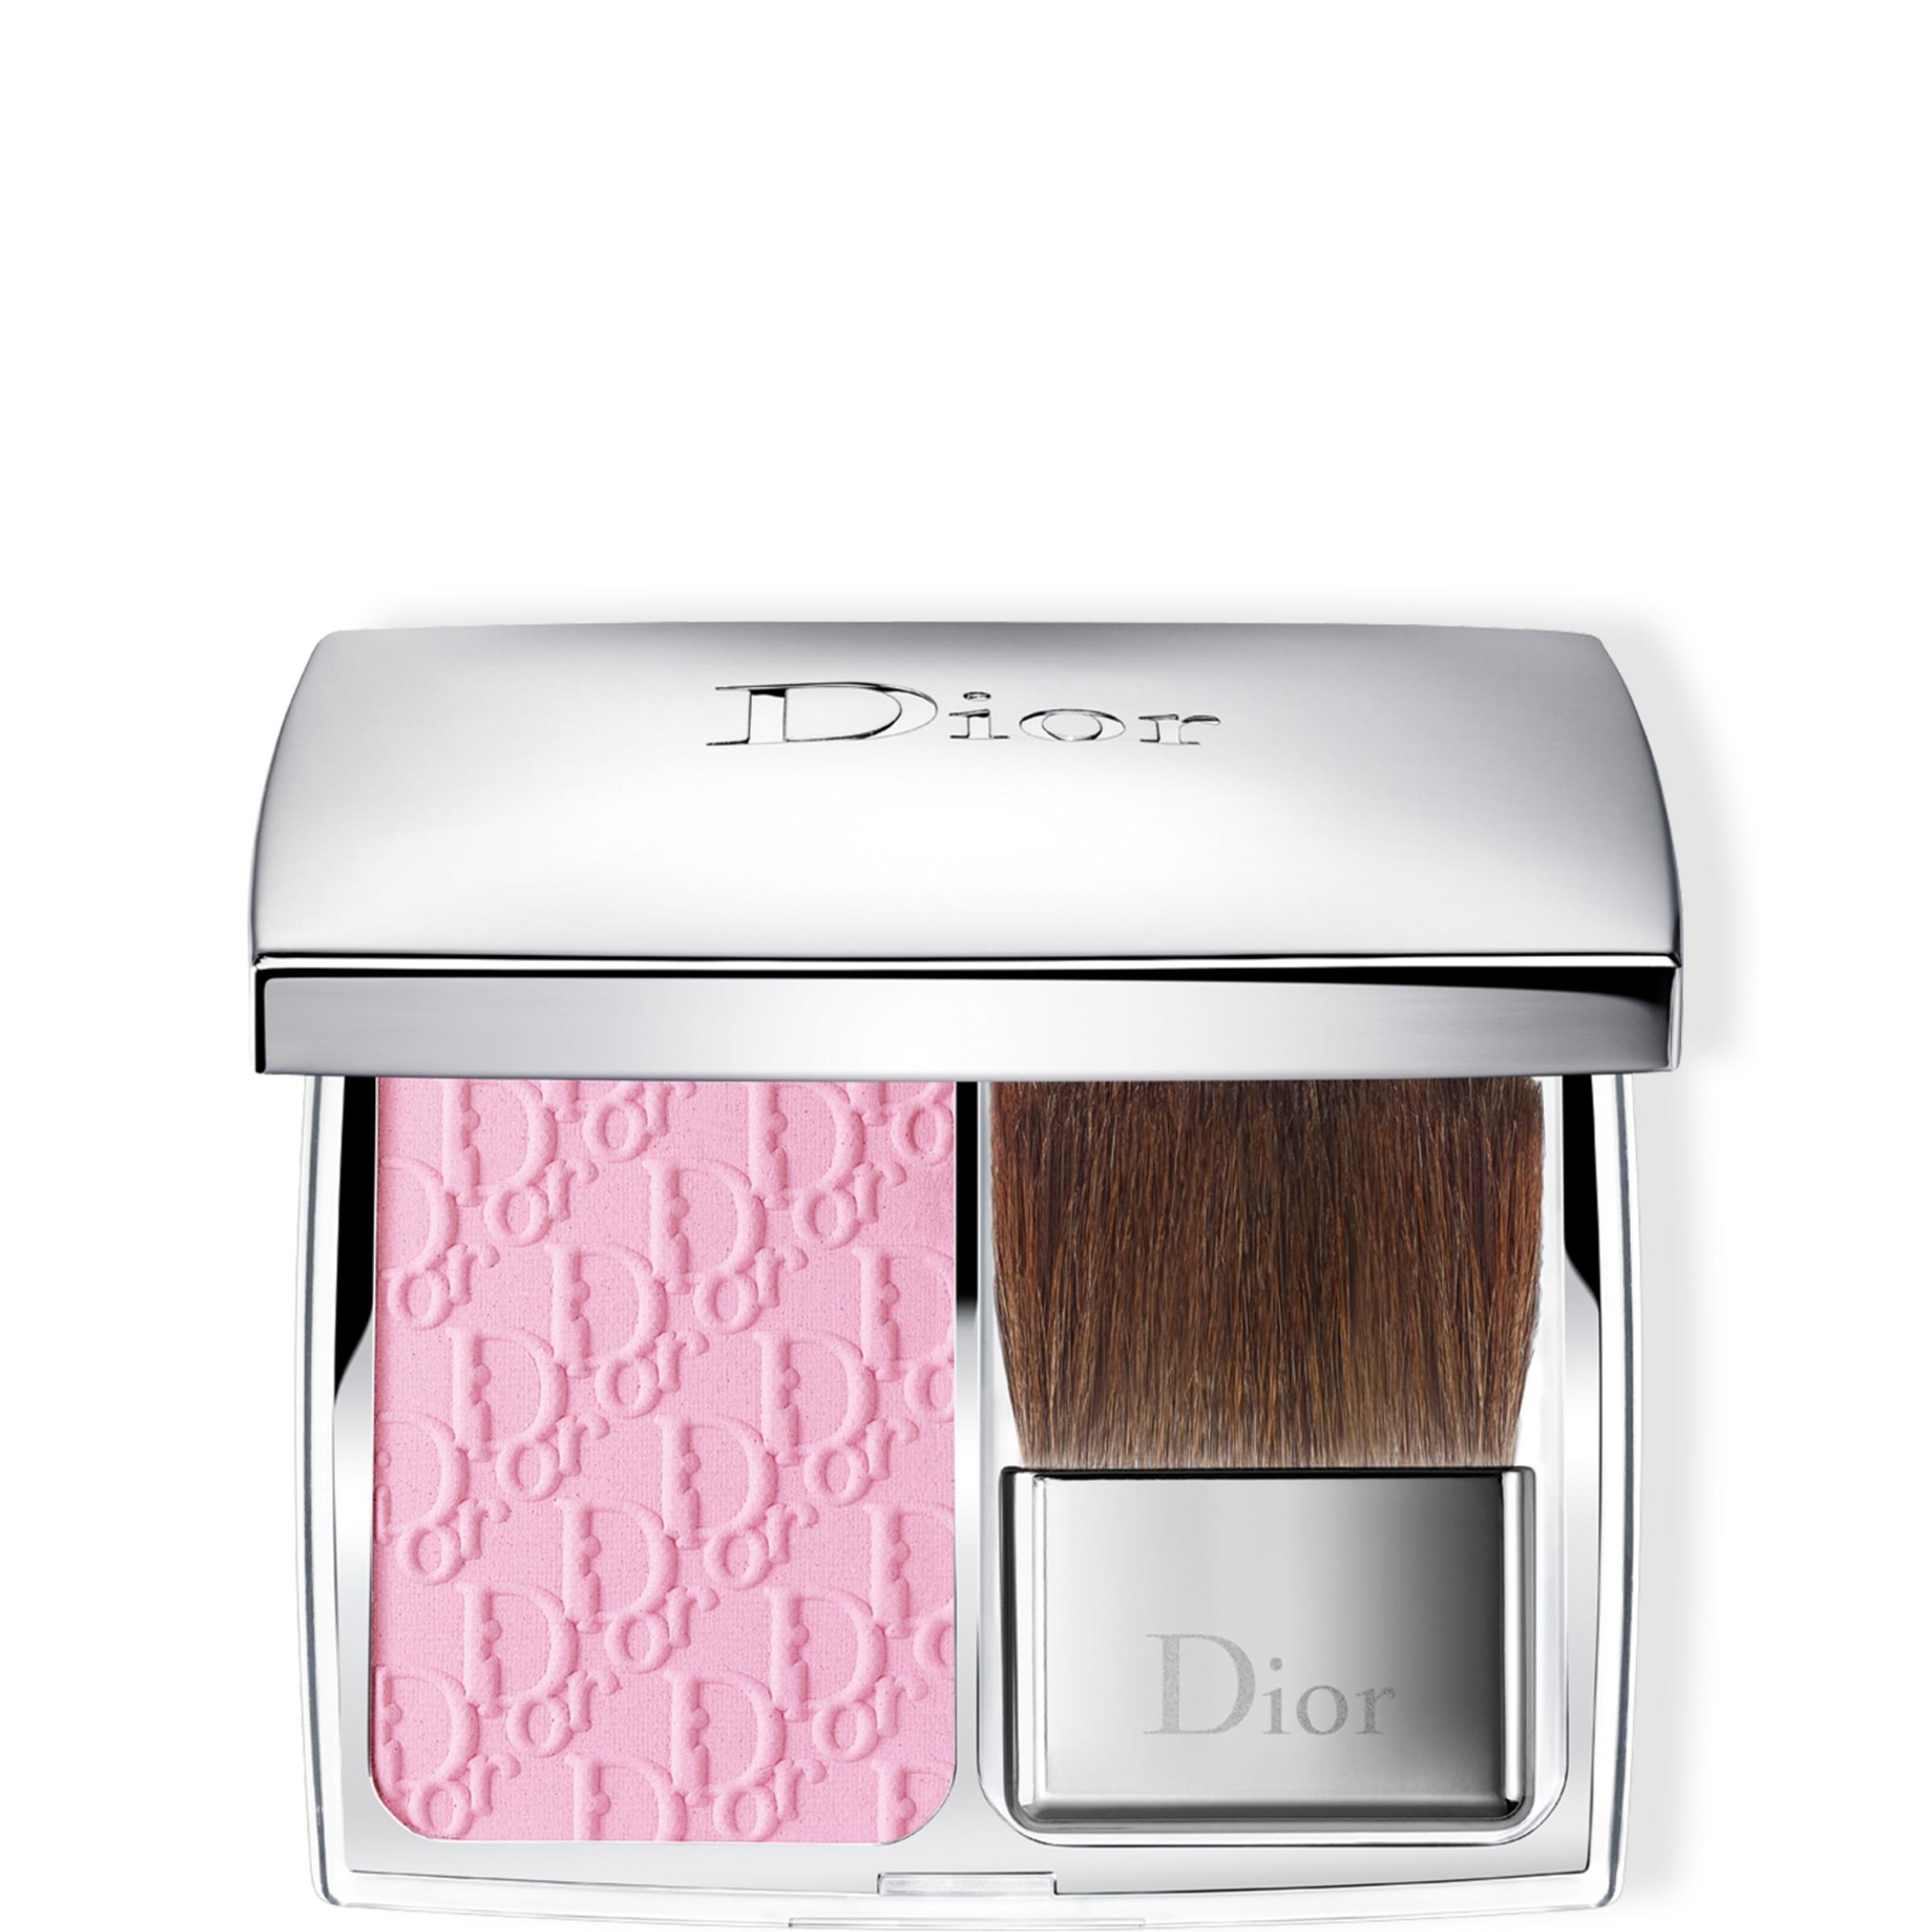 Rosy Glow Blush